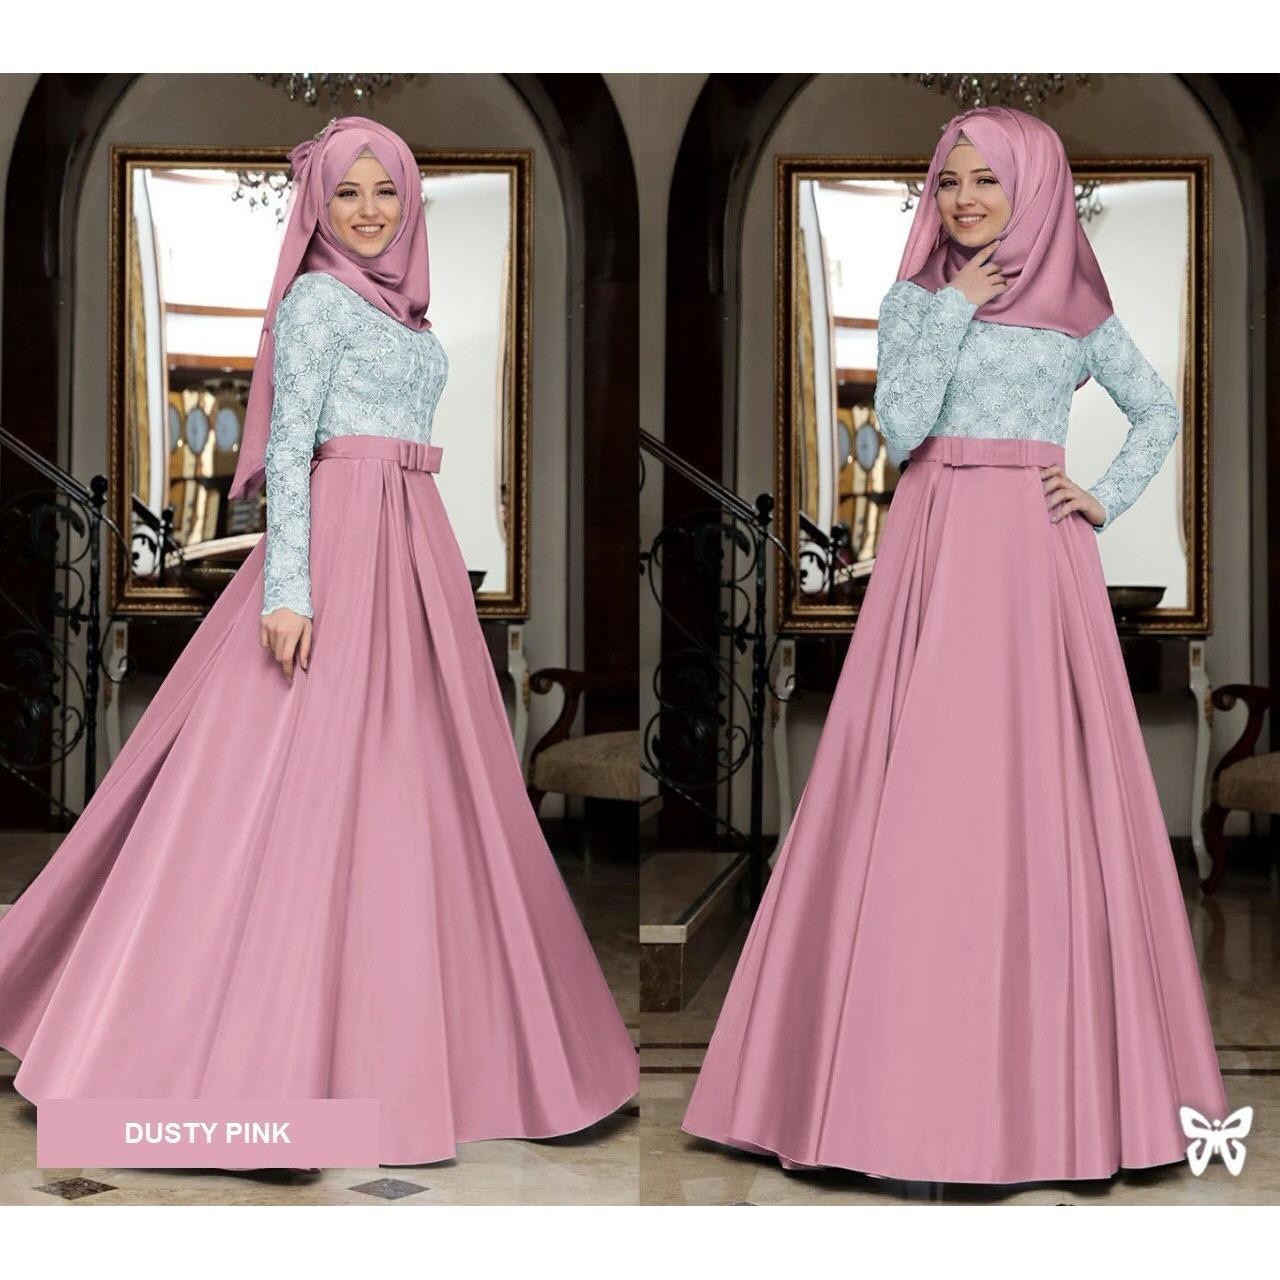 Beli Murah Harga Diskon Flavia Store Maxi Dress Lengan Panjang Set 2 Best Flower Baju Muslim Wanita Busana Muslimah Gamis Busui In 1 Fs0720 Dusty Pink